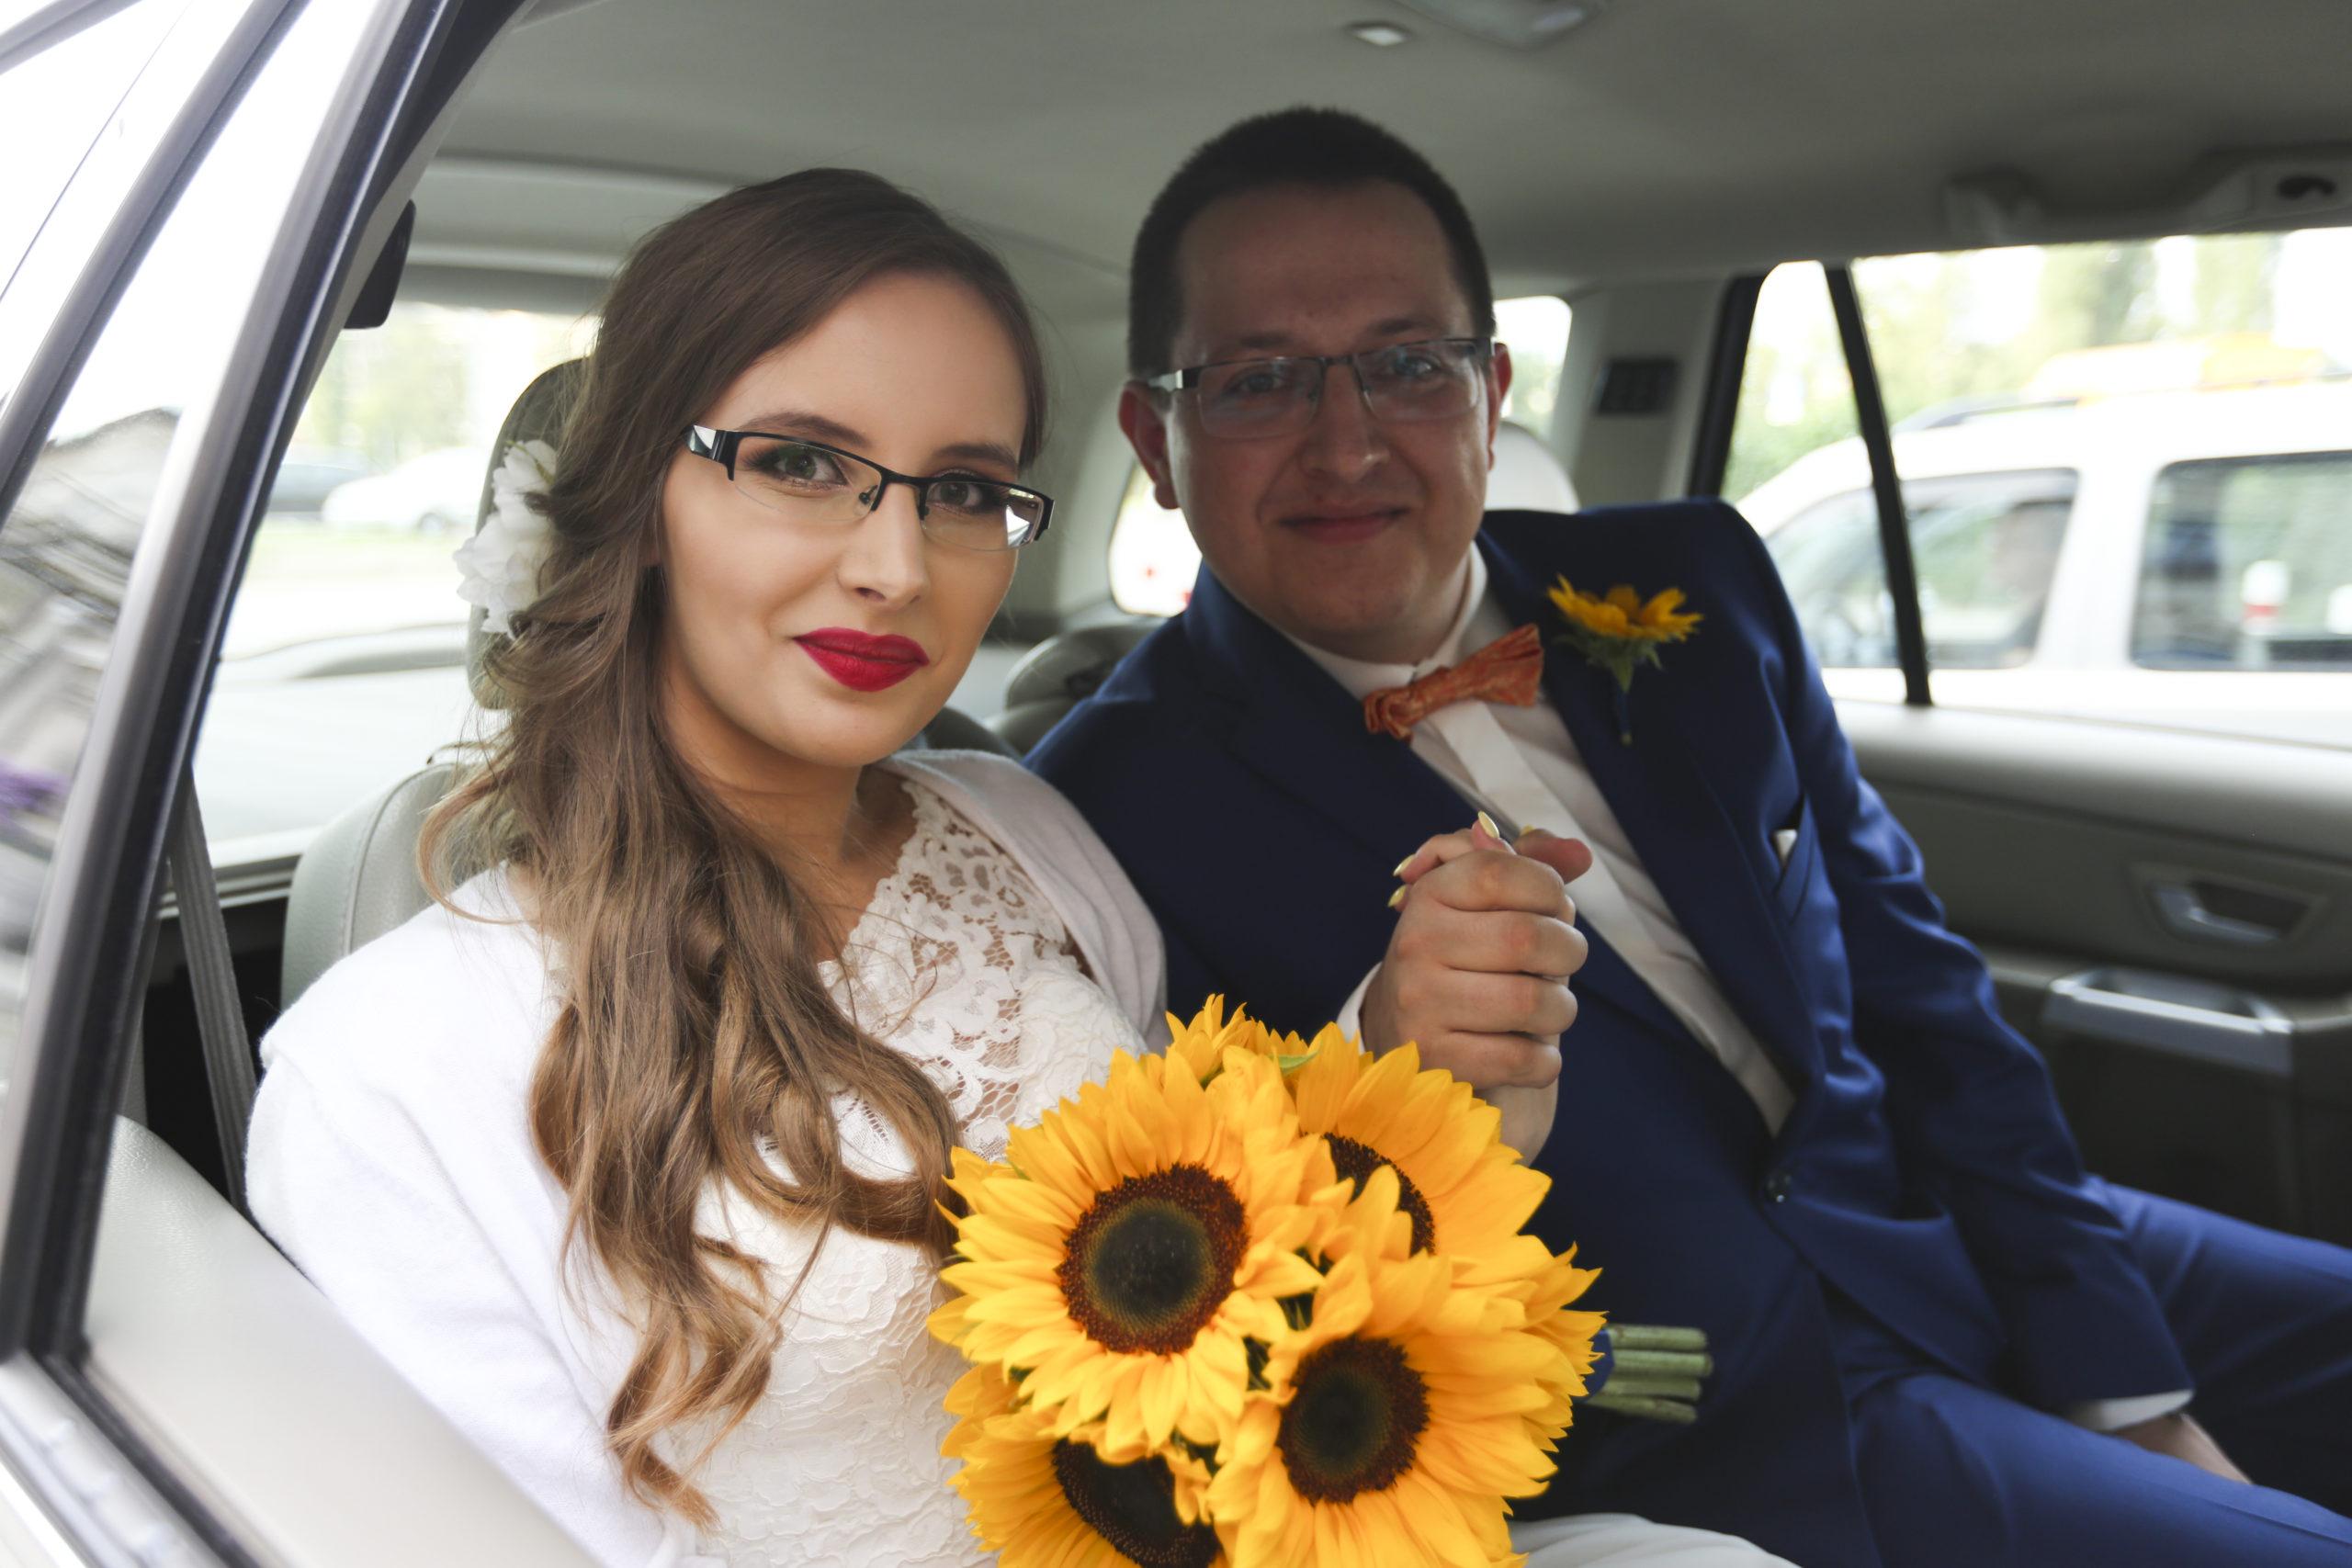 Pierwszy ślub – mójprywatny